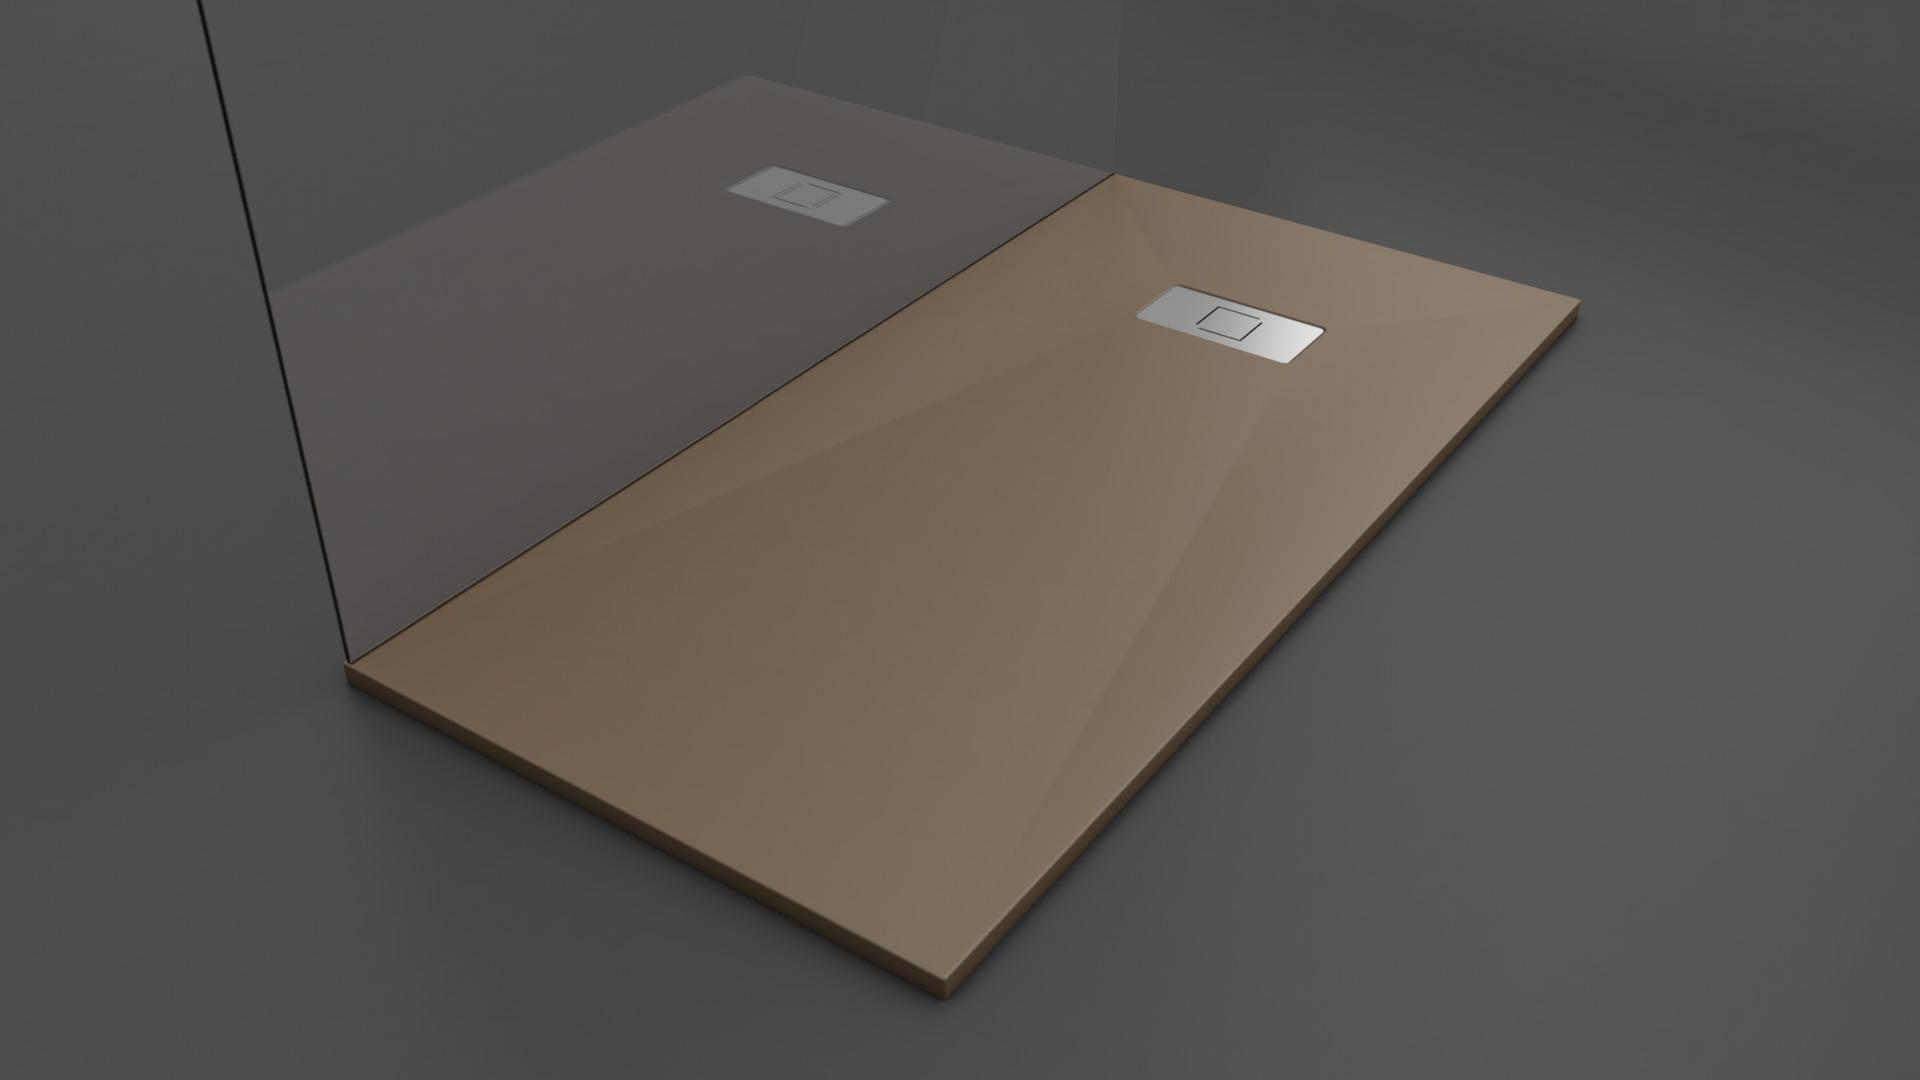 Texence Double Square - Plato de ducha marrón